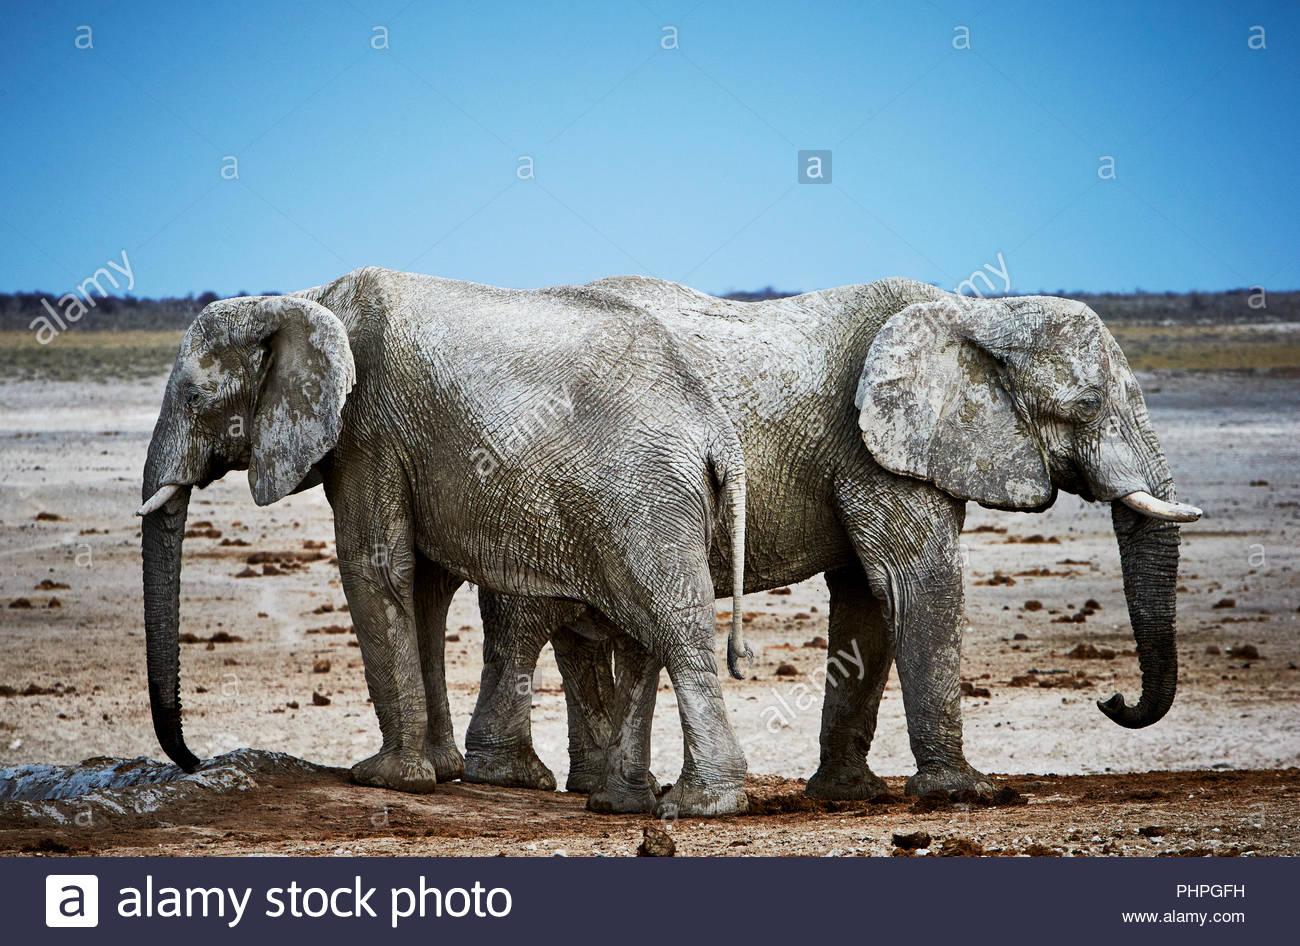 Los elefantes africanos cubierto de barro Imagen De Stock